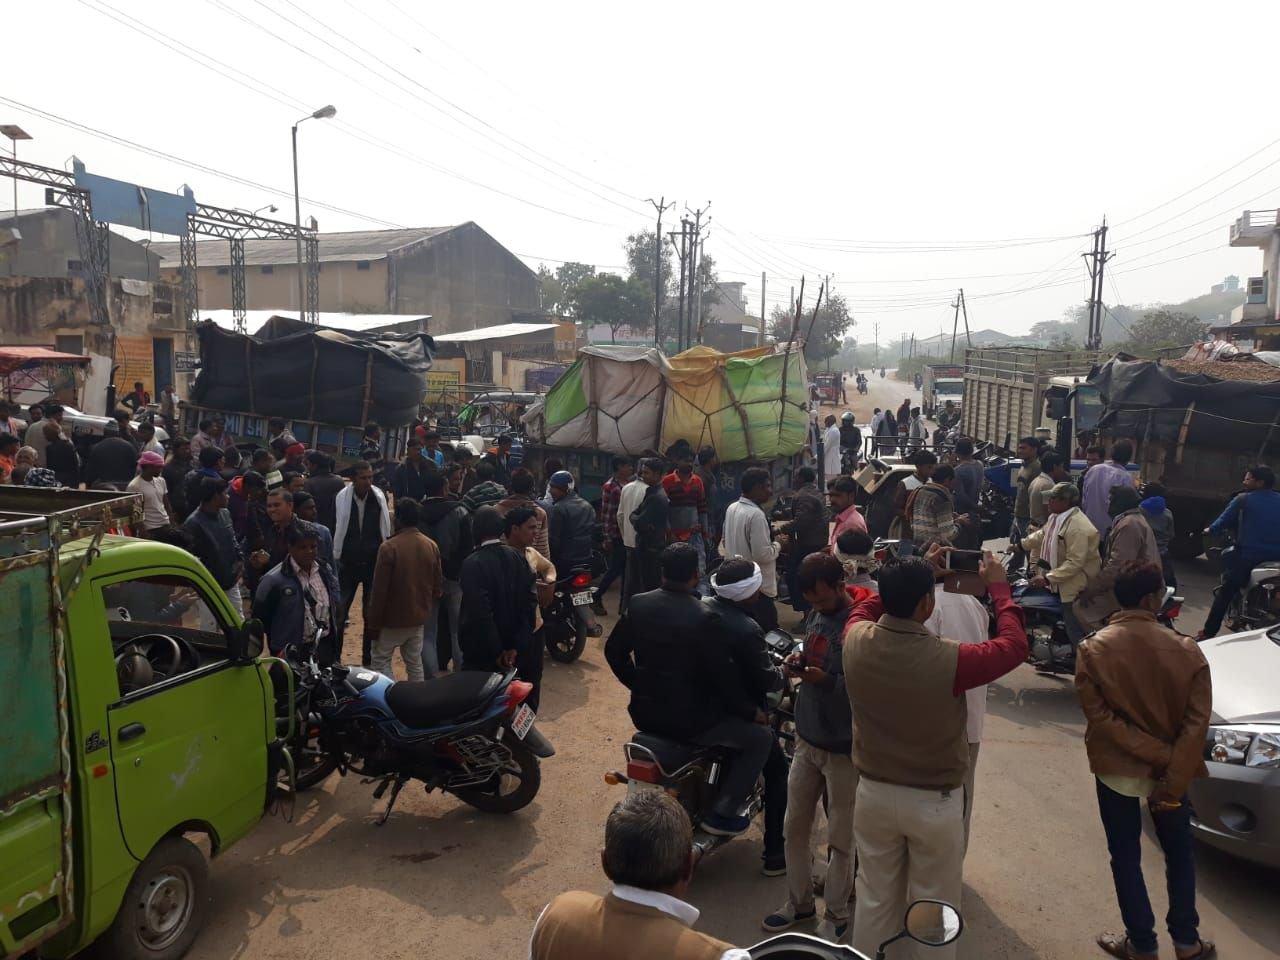 मंडी में बारदाना न मिलने पर किसानों ने पिछोर-चंदेरी मार्ग पर लगाया जाम